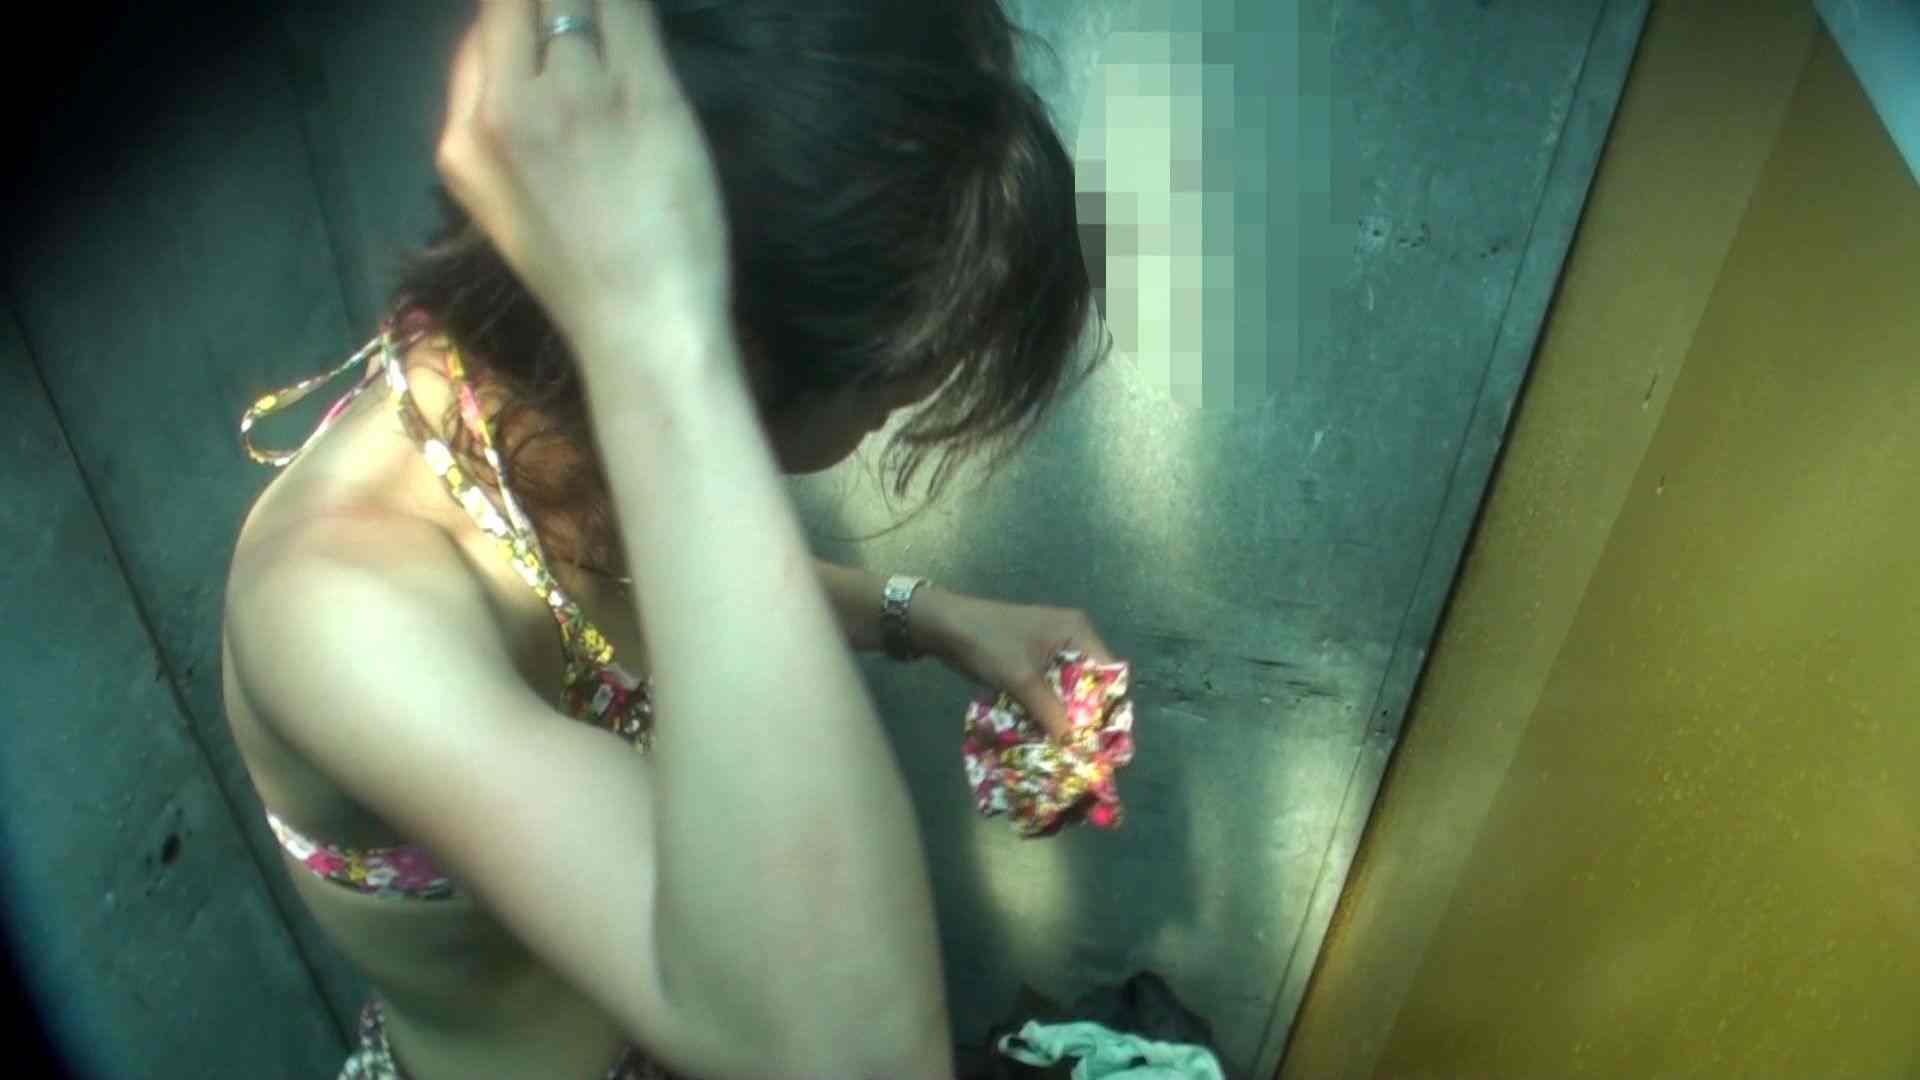 シャワールームは超!!危険な香りVol.16 意外に乳首は年増のそれ 乳首ポロリ | OLセックス  108画像 61